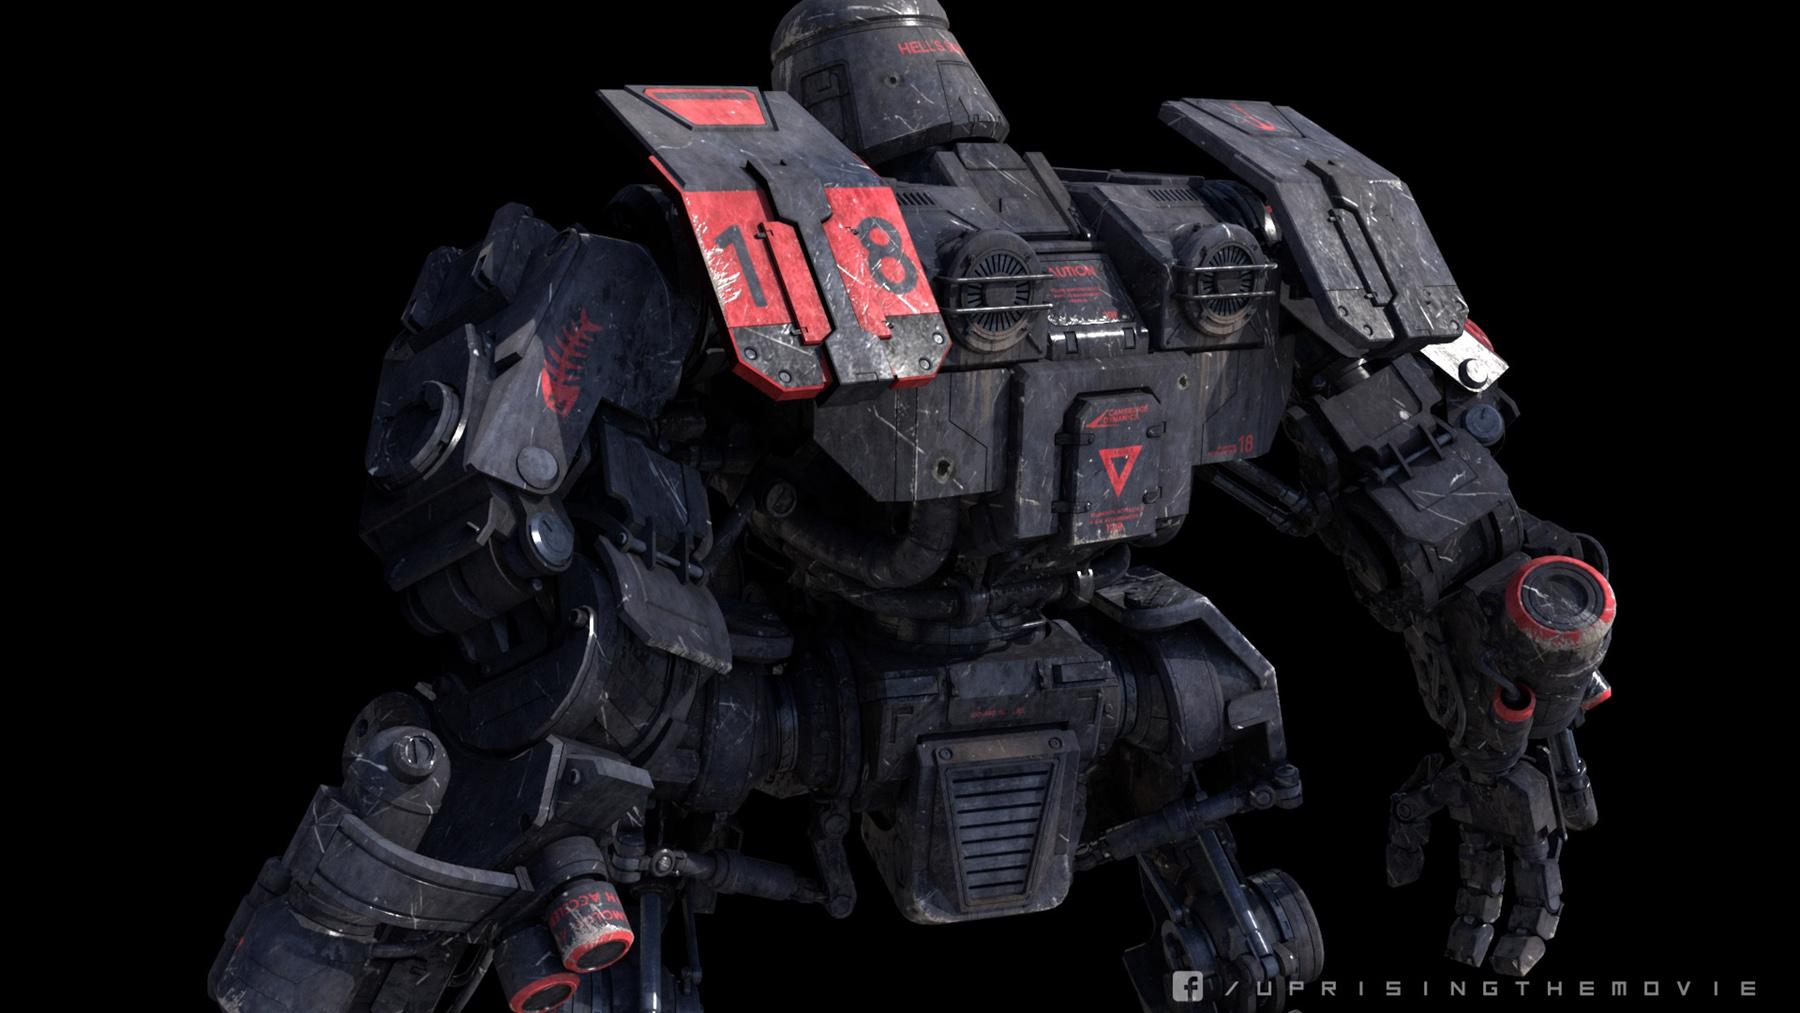 robot science fiction concept - photo #11